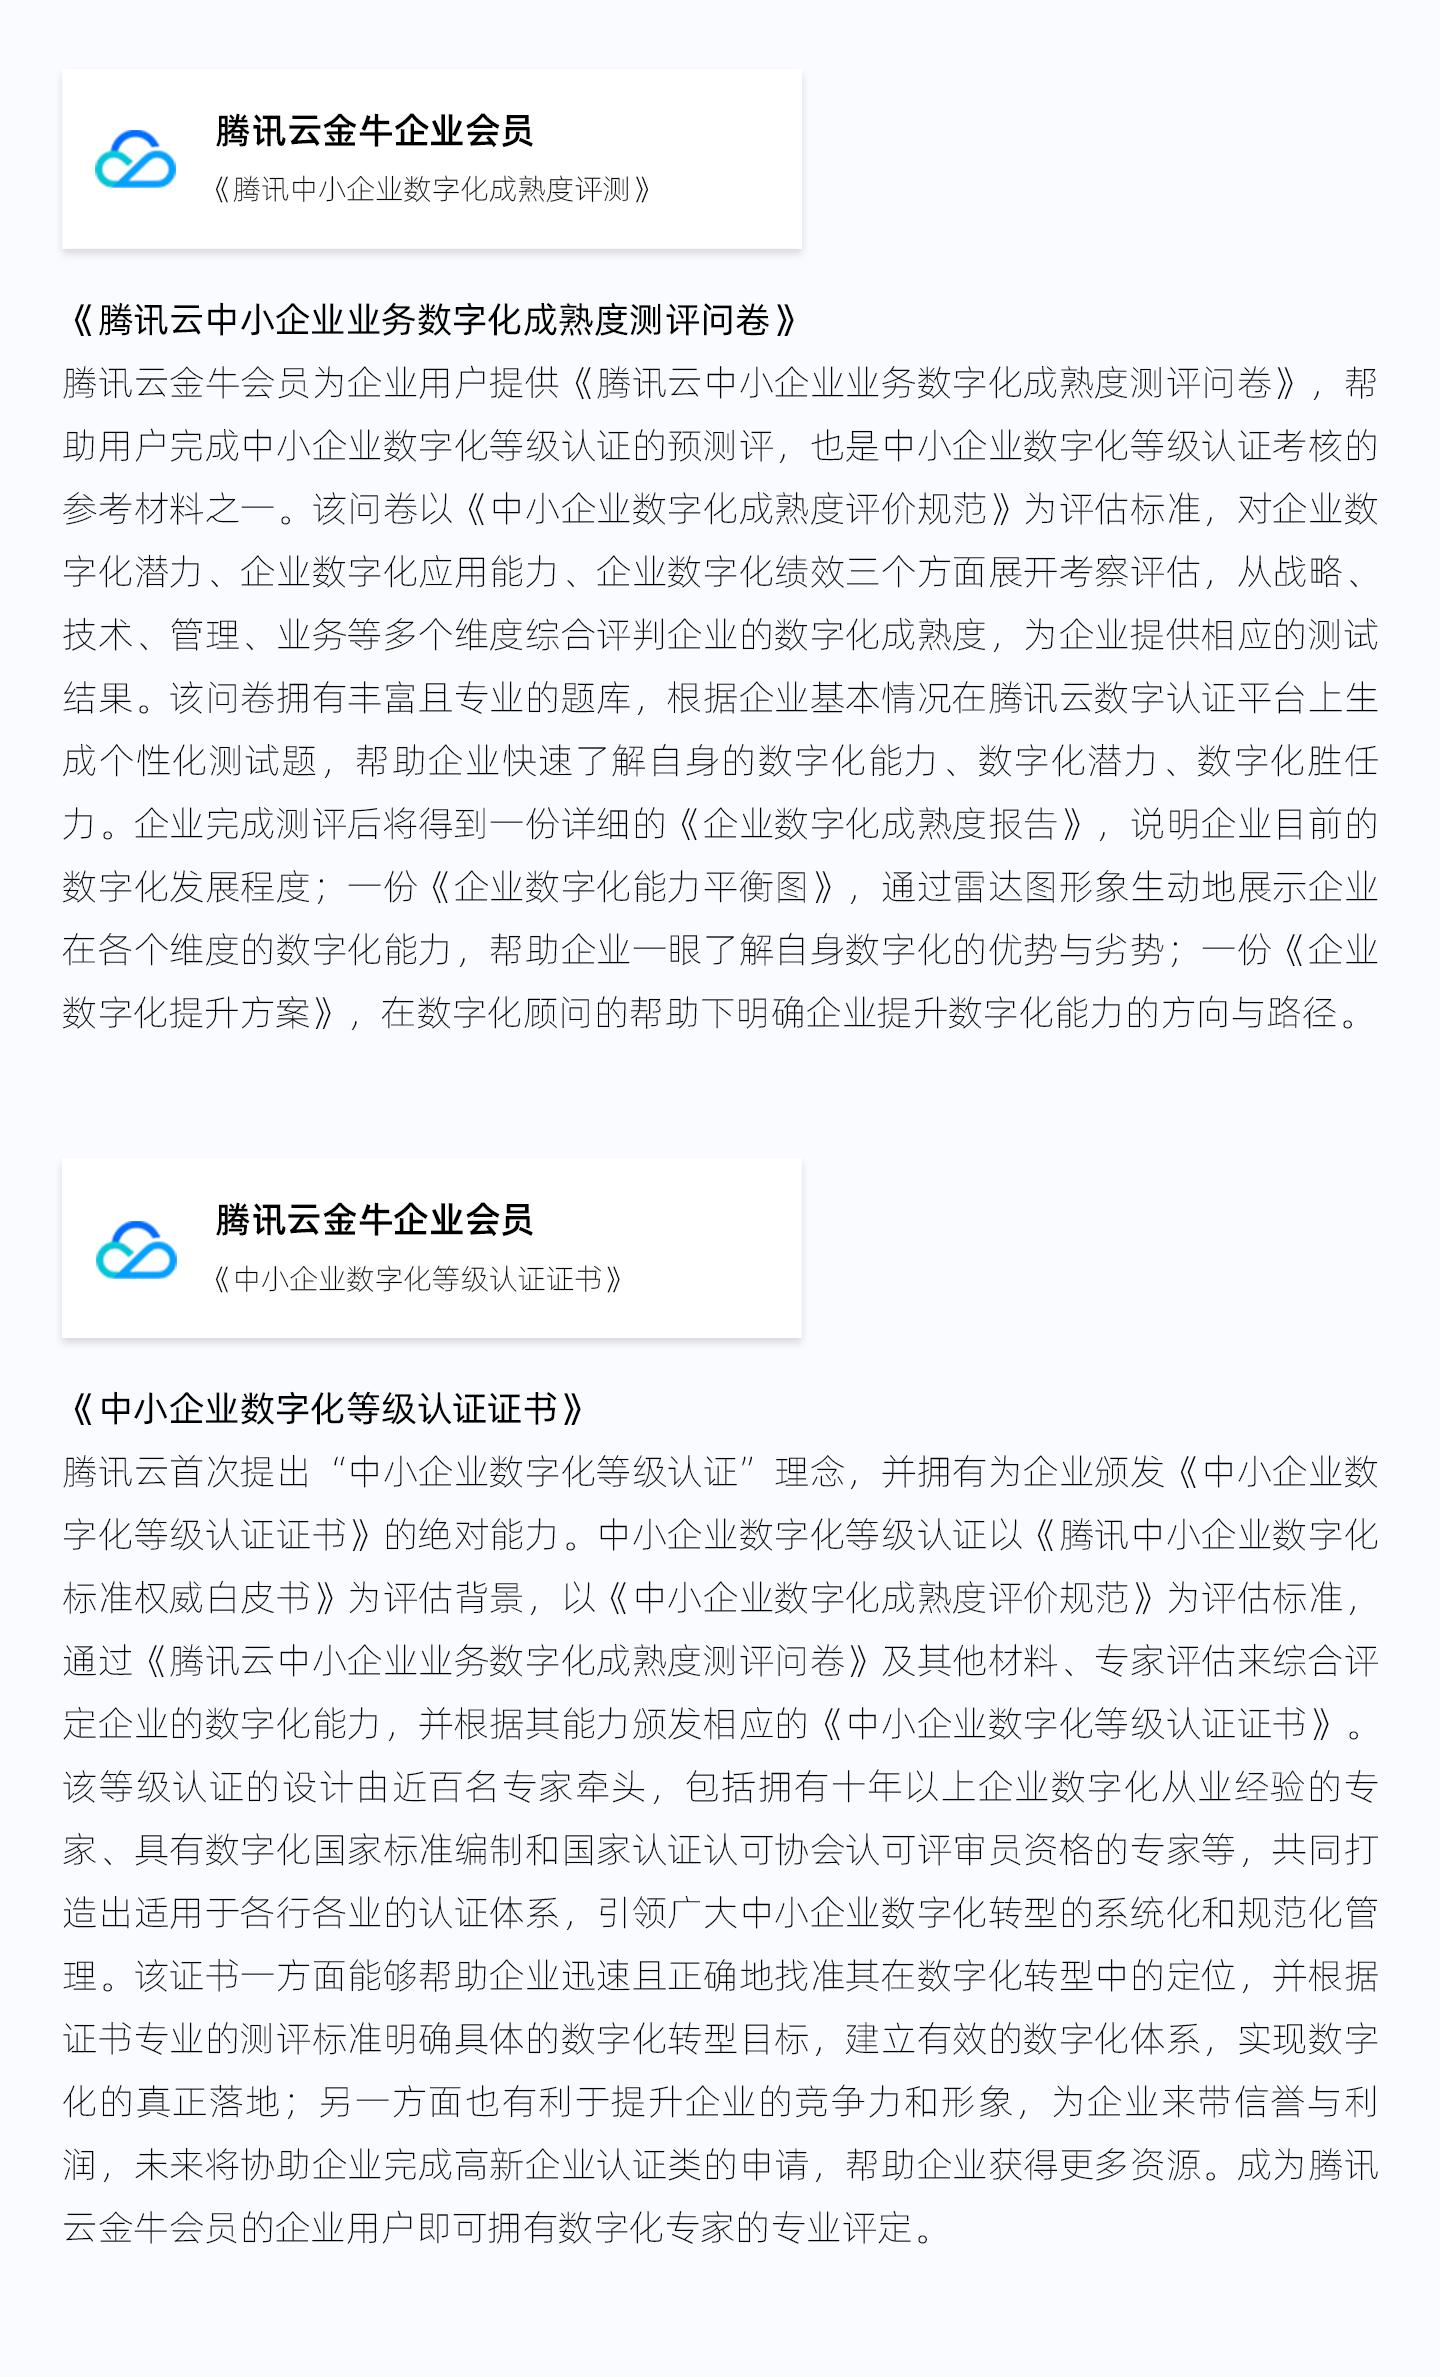 腾讯金牛企业会员-1440_06.jpg